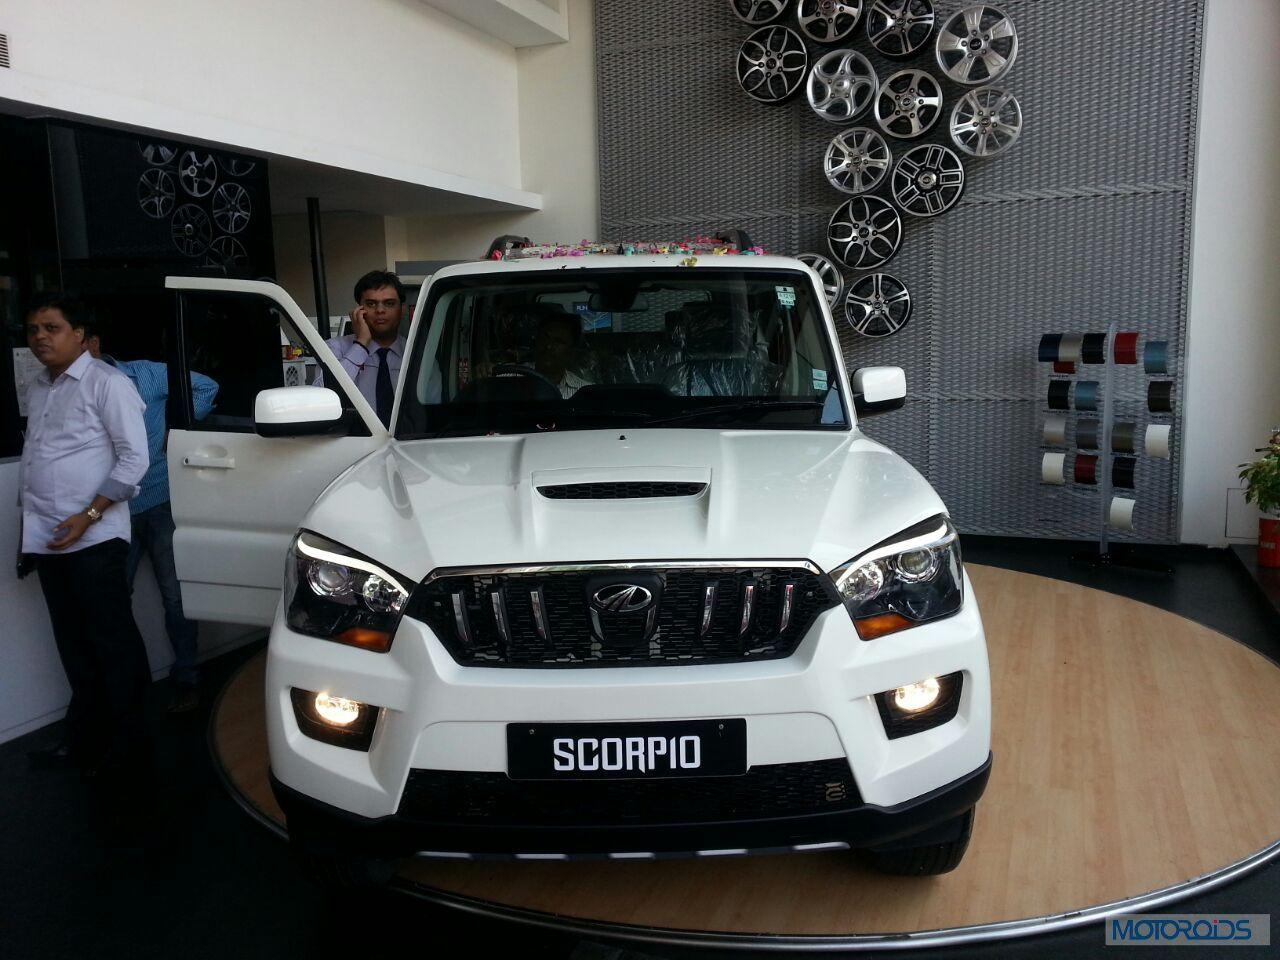 New 2014 Mahindra Scorpio Live From The Launch Motoroids